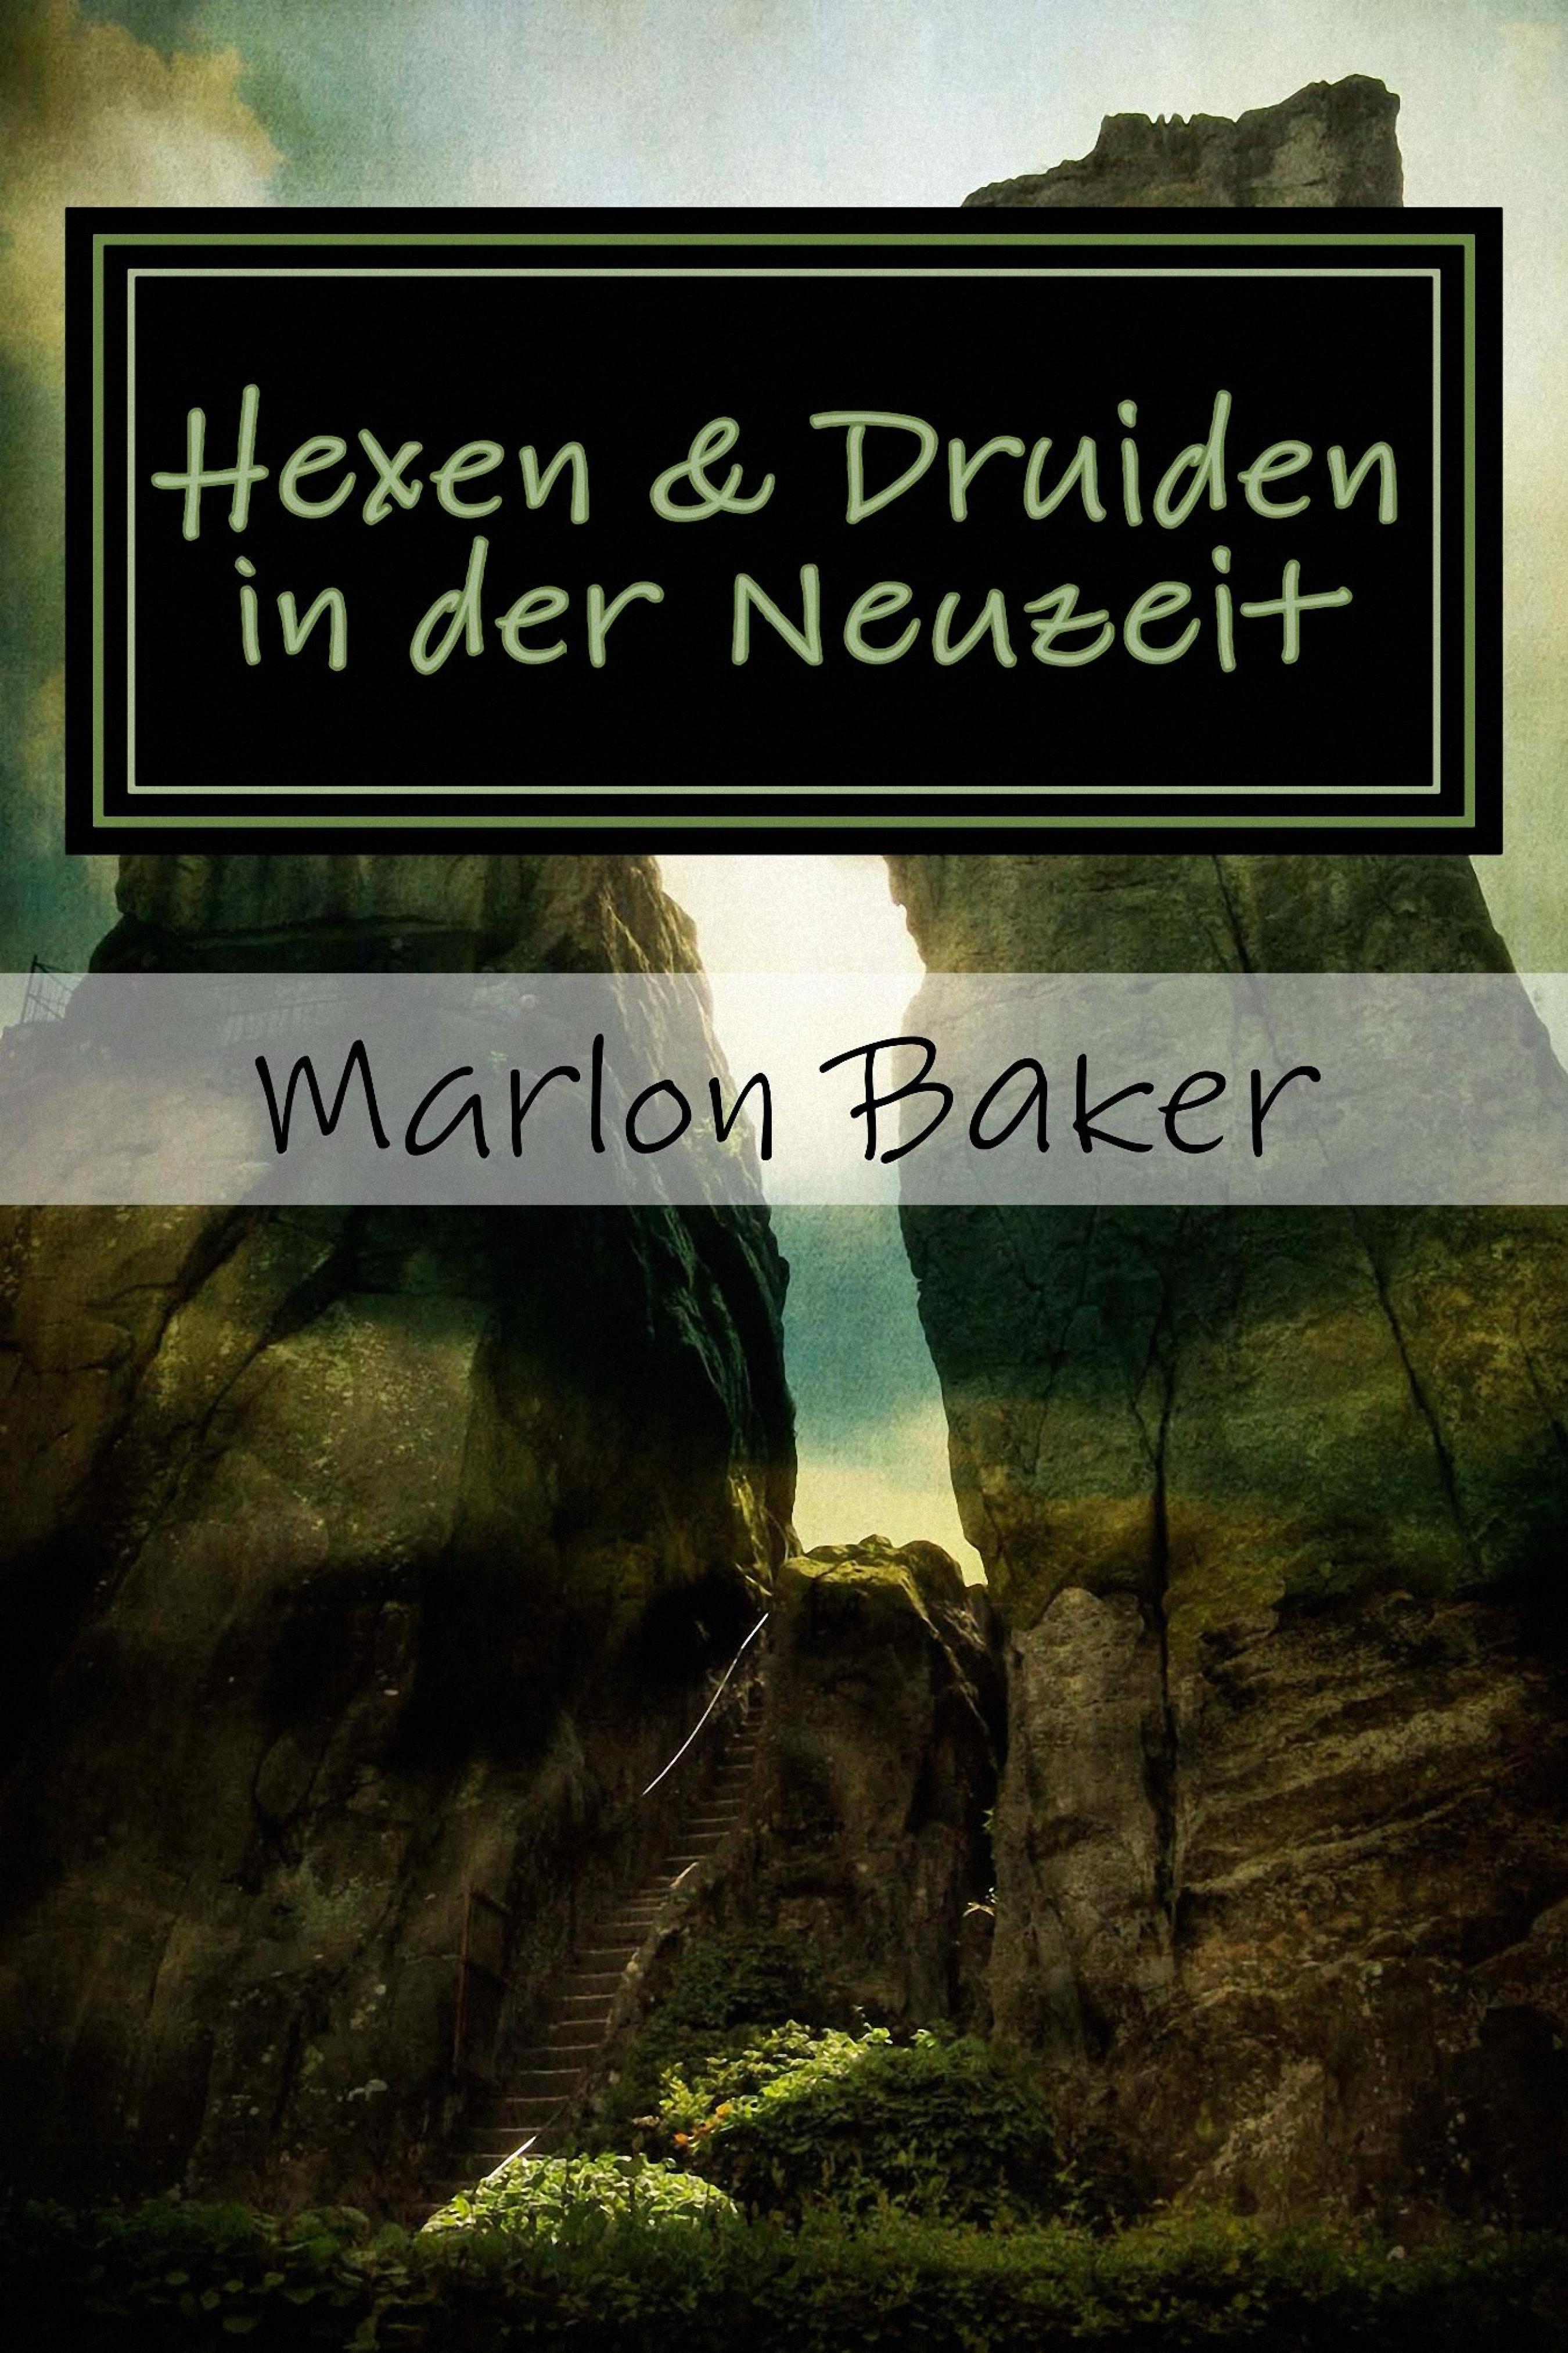 Marlon Baker Hexen und Druiden in der Neuzeit